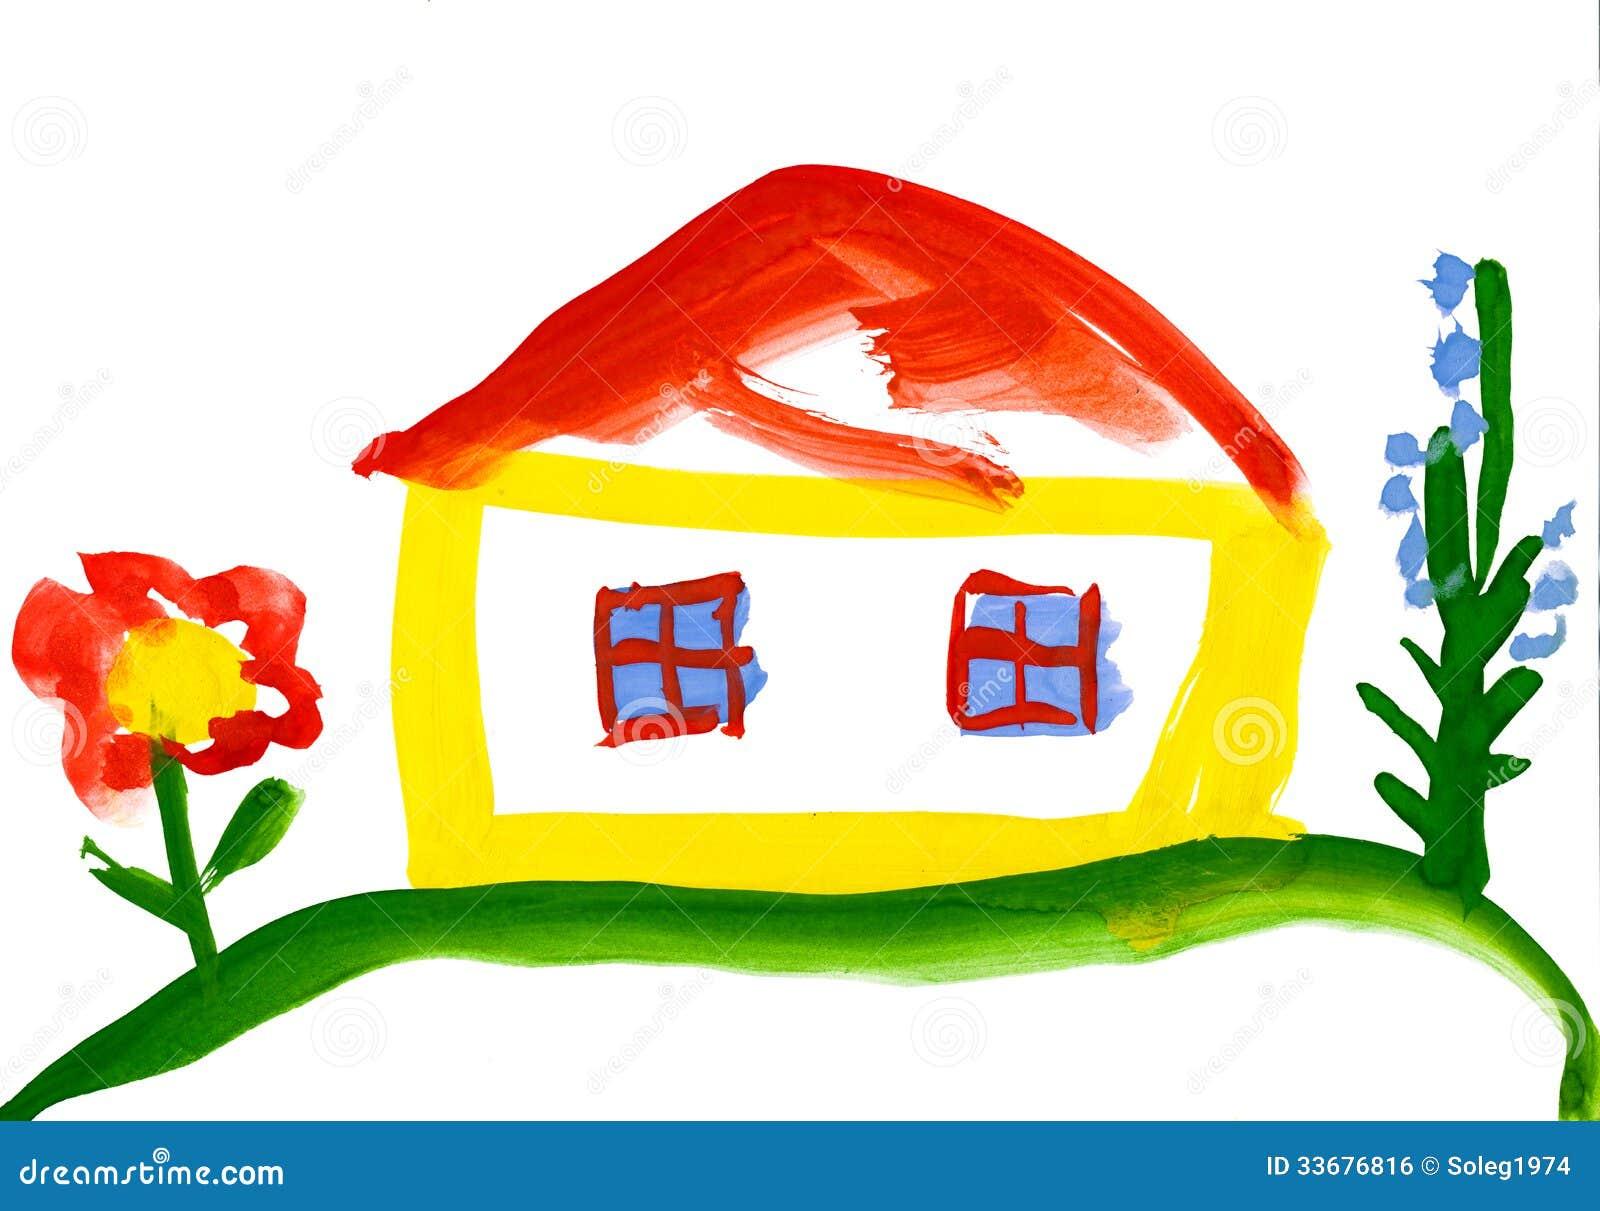 Le dessin de l 39 enfant maison dans le village image libre de droits ima - Dessin maison enfant ...